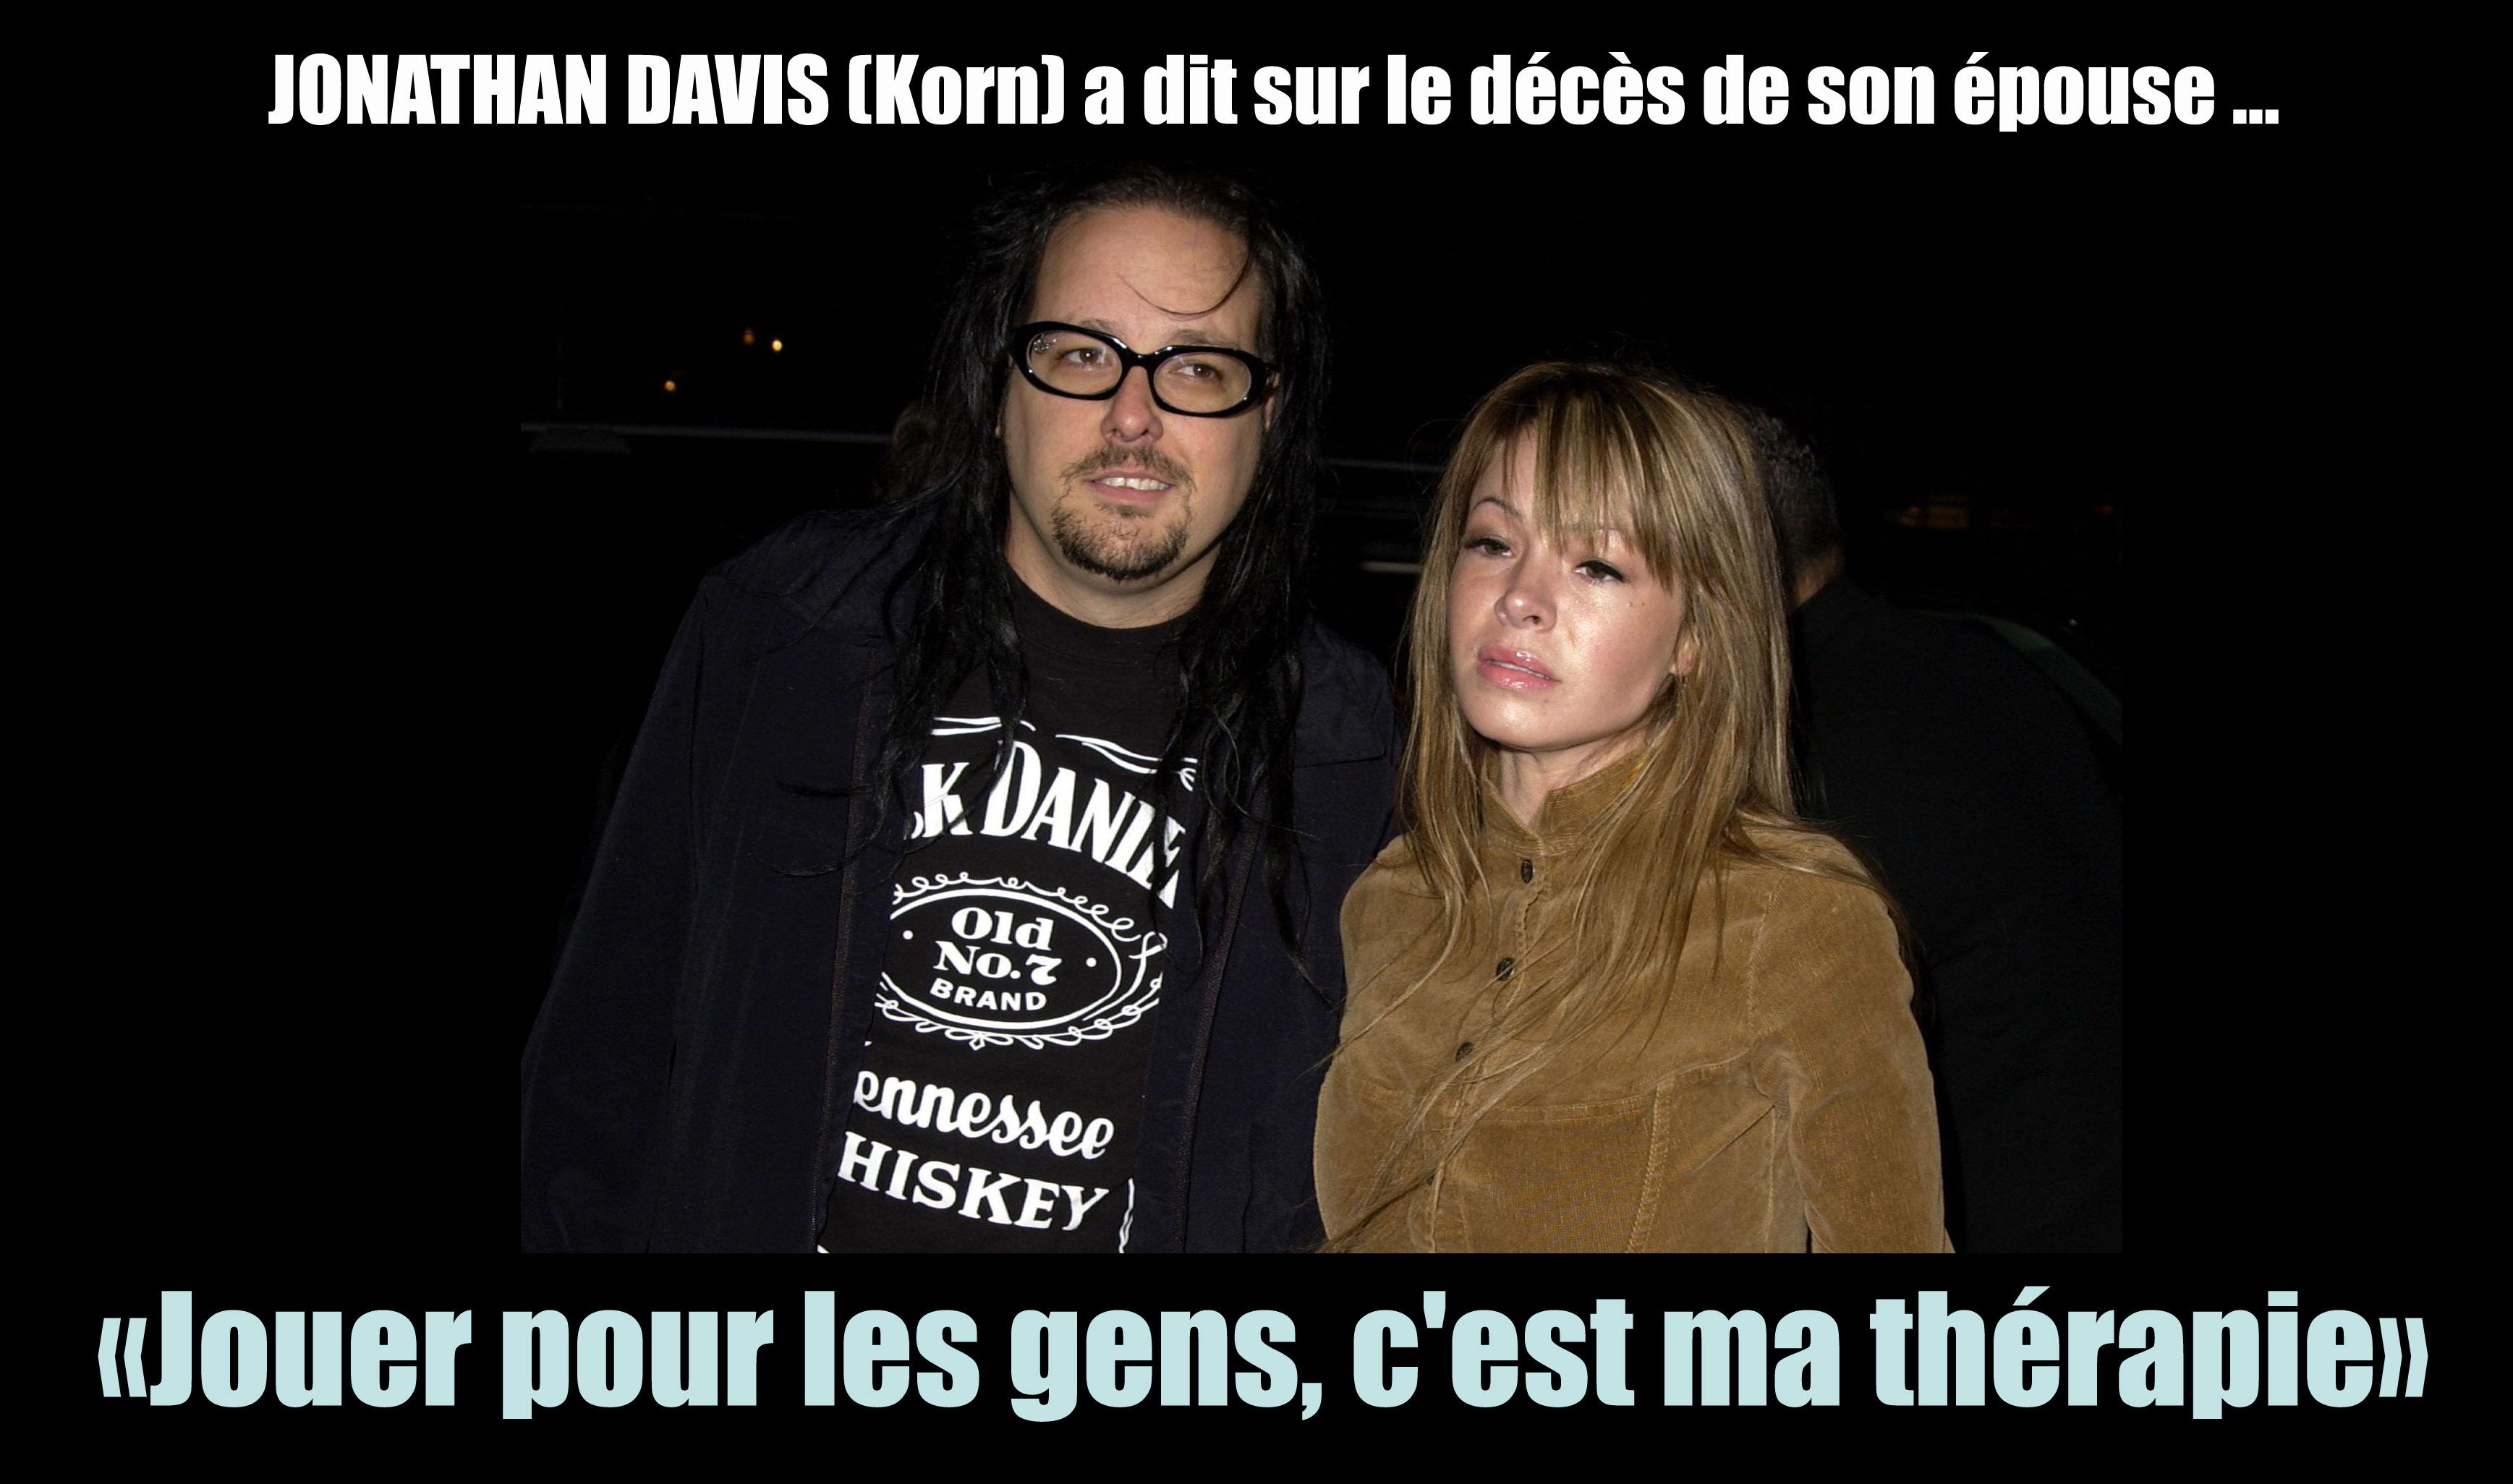 JONATHAN DAVIS (Korn) a dit ... sur le décès de son épouse Korn10